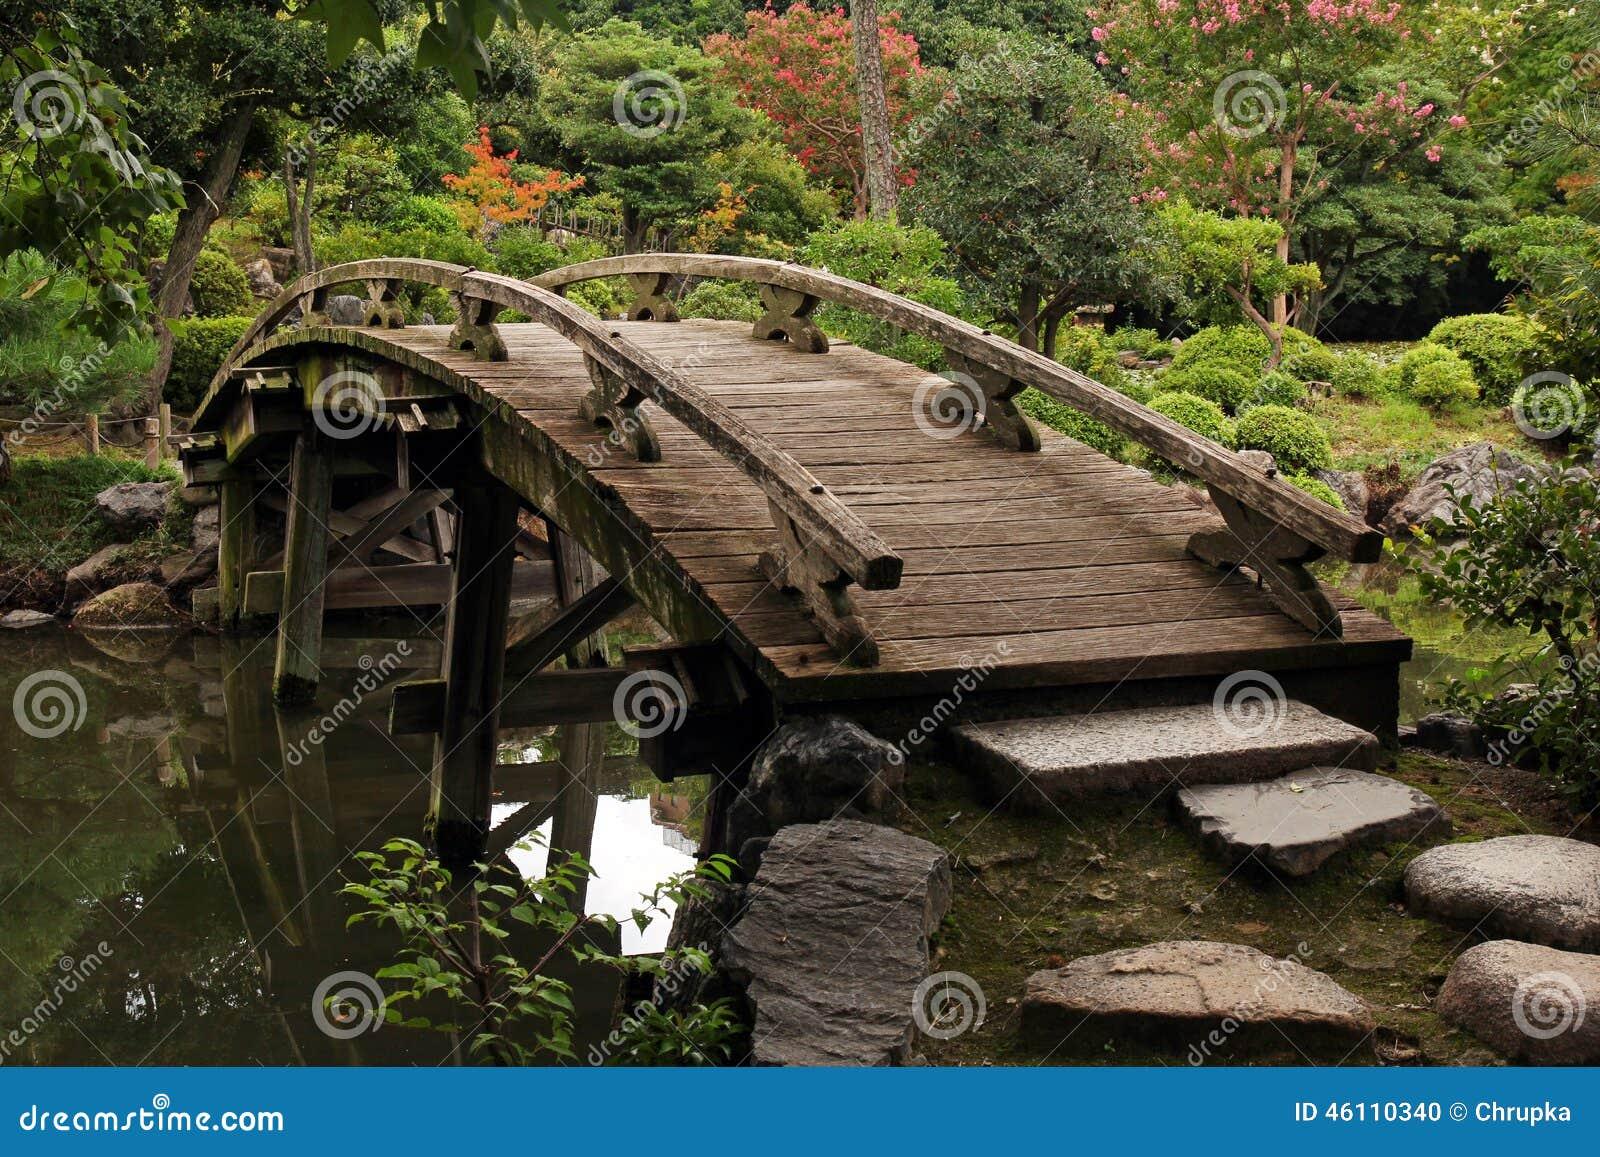 Passerella in legno per giardino bb73 regardsdefemmes for Legno giapponese